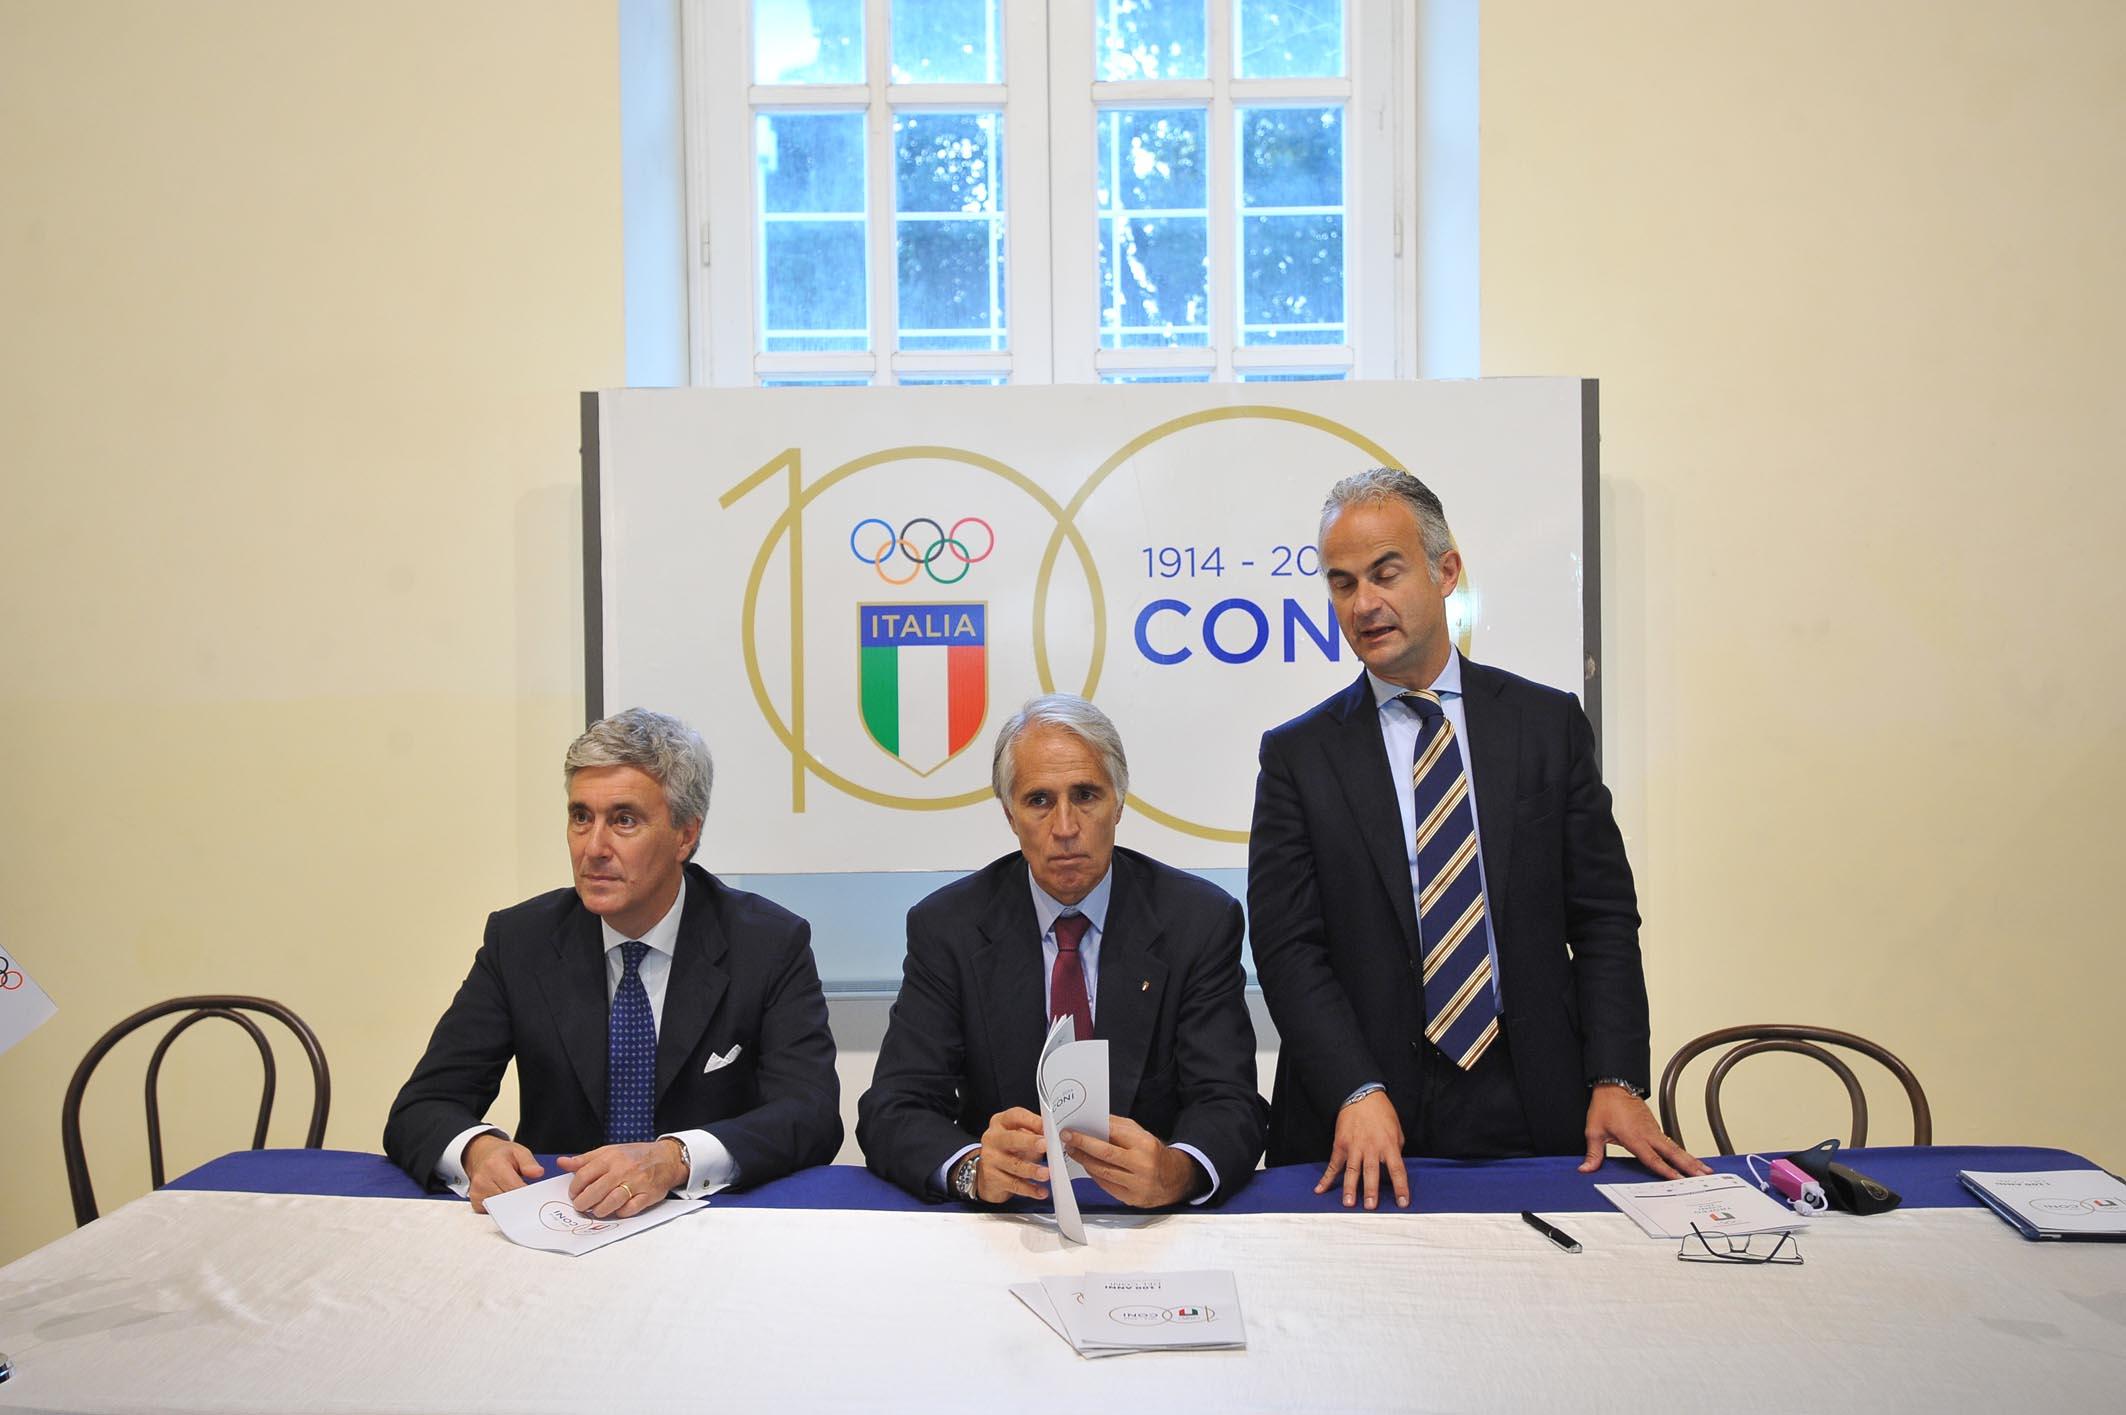 Trofeo_Coni_43